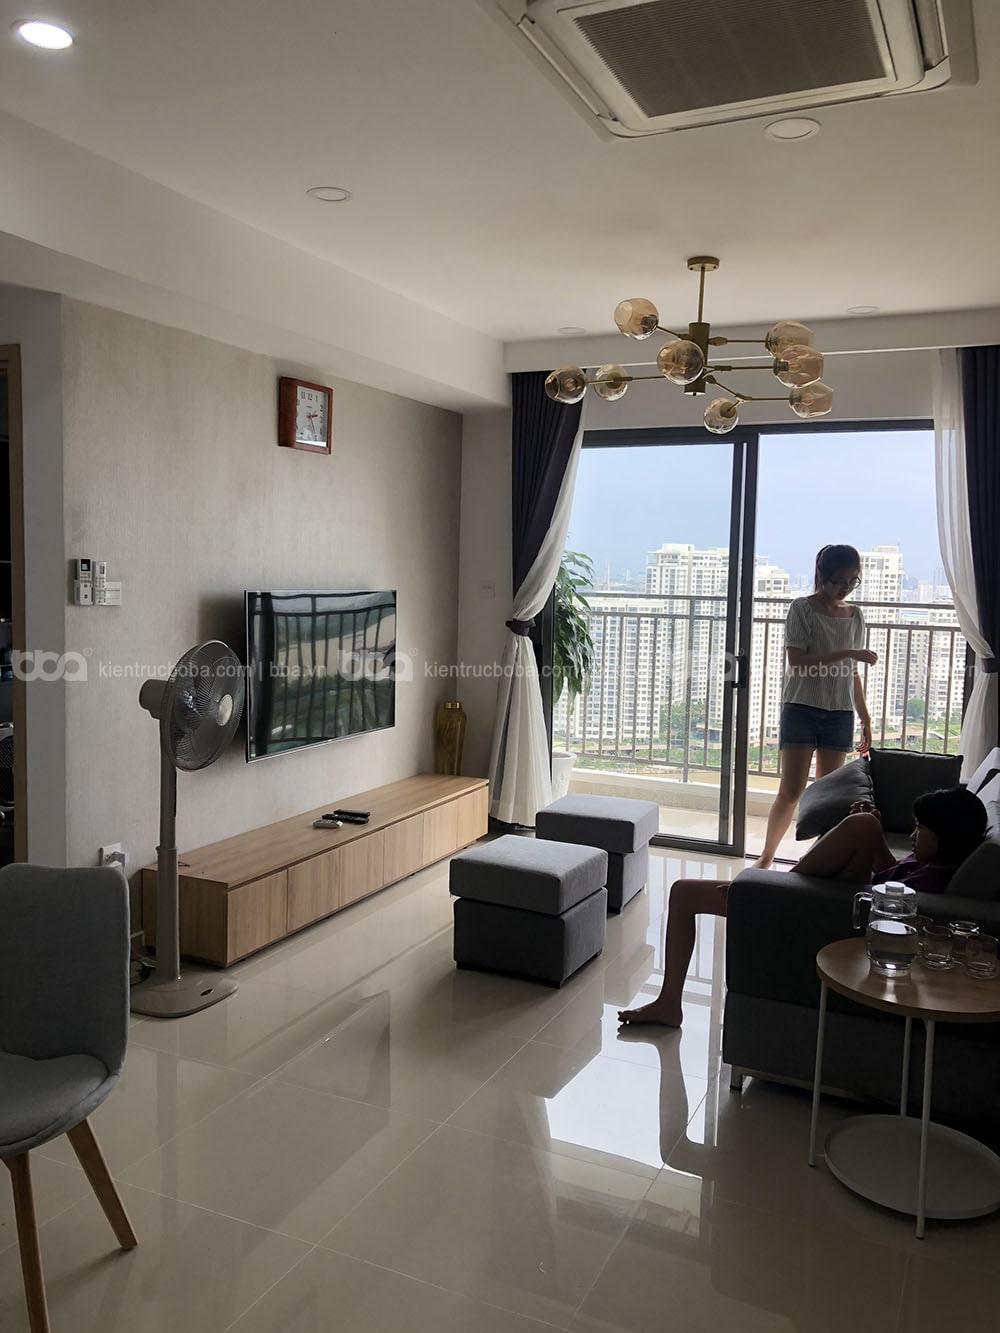 Thi công nội thất căn hộ chung cư The Sun Avenue | Mr. Trường | Quận 2